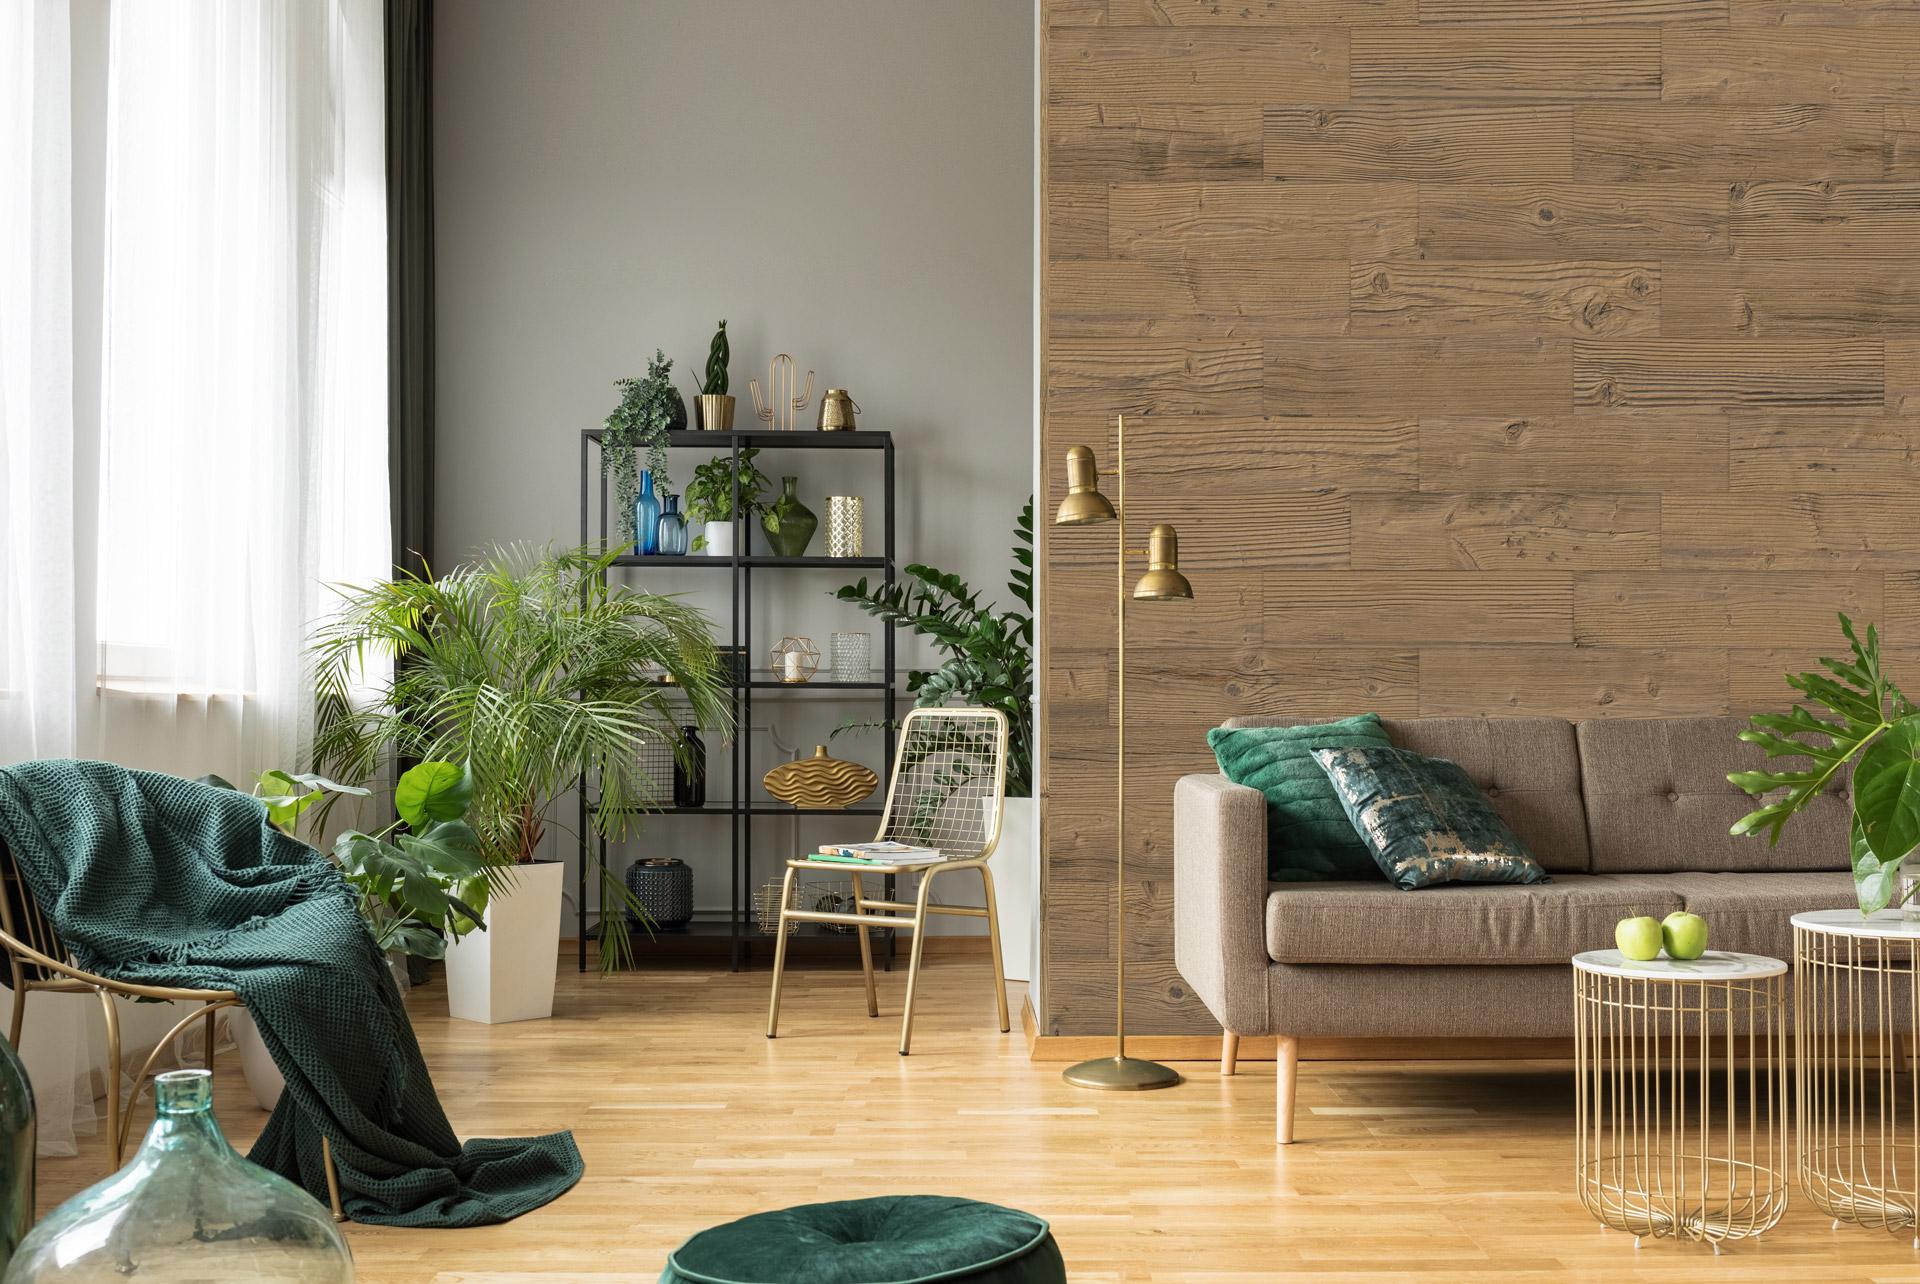 Wandpaneele aus Holz rustikal